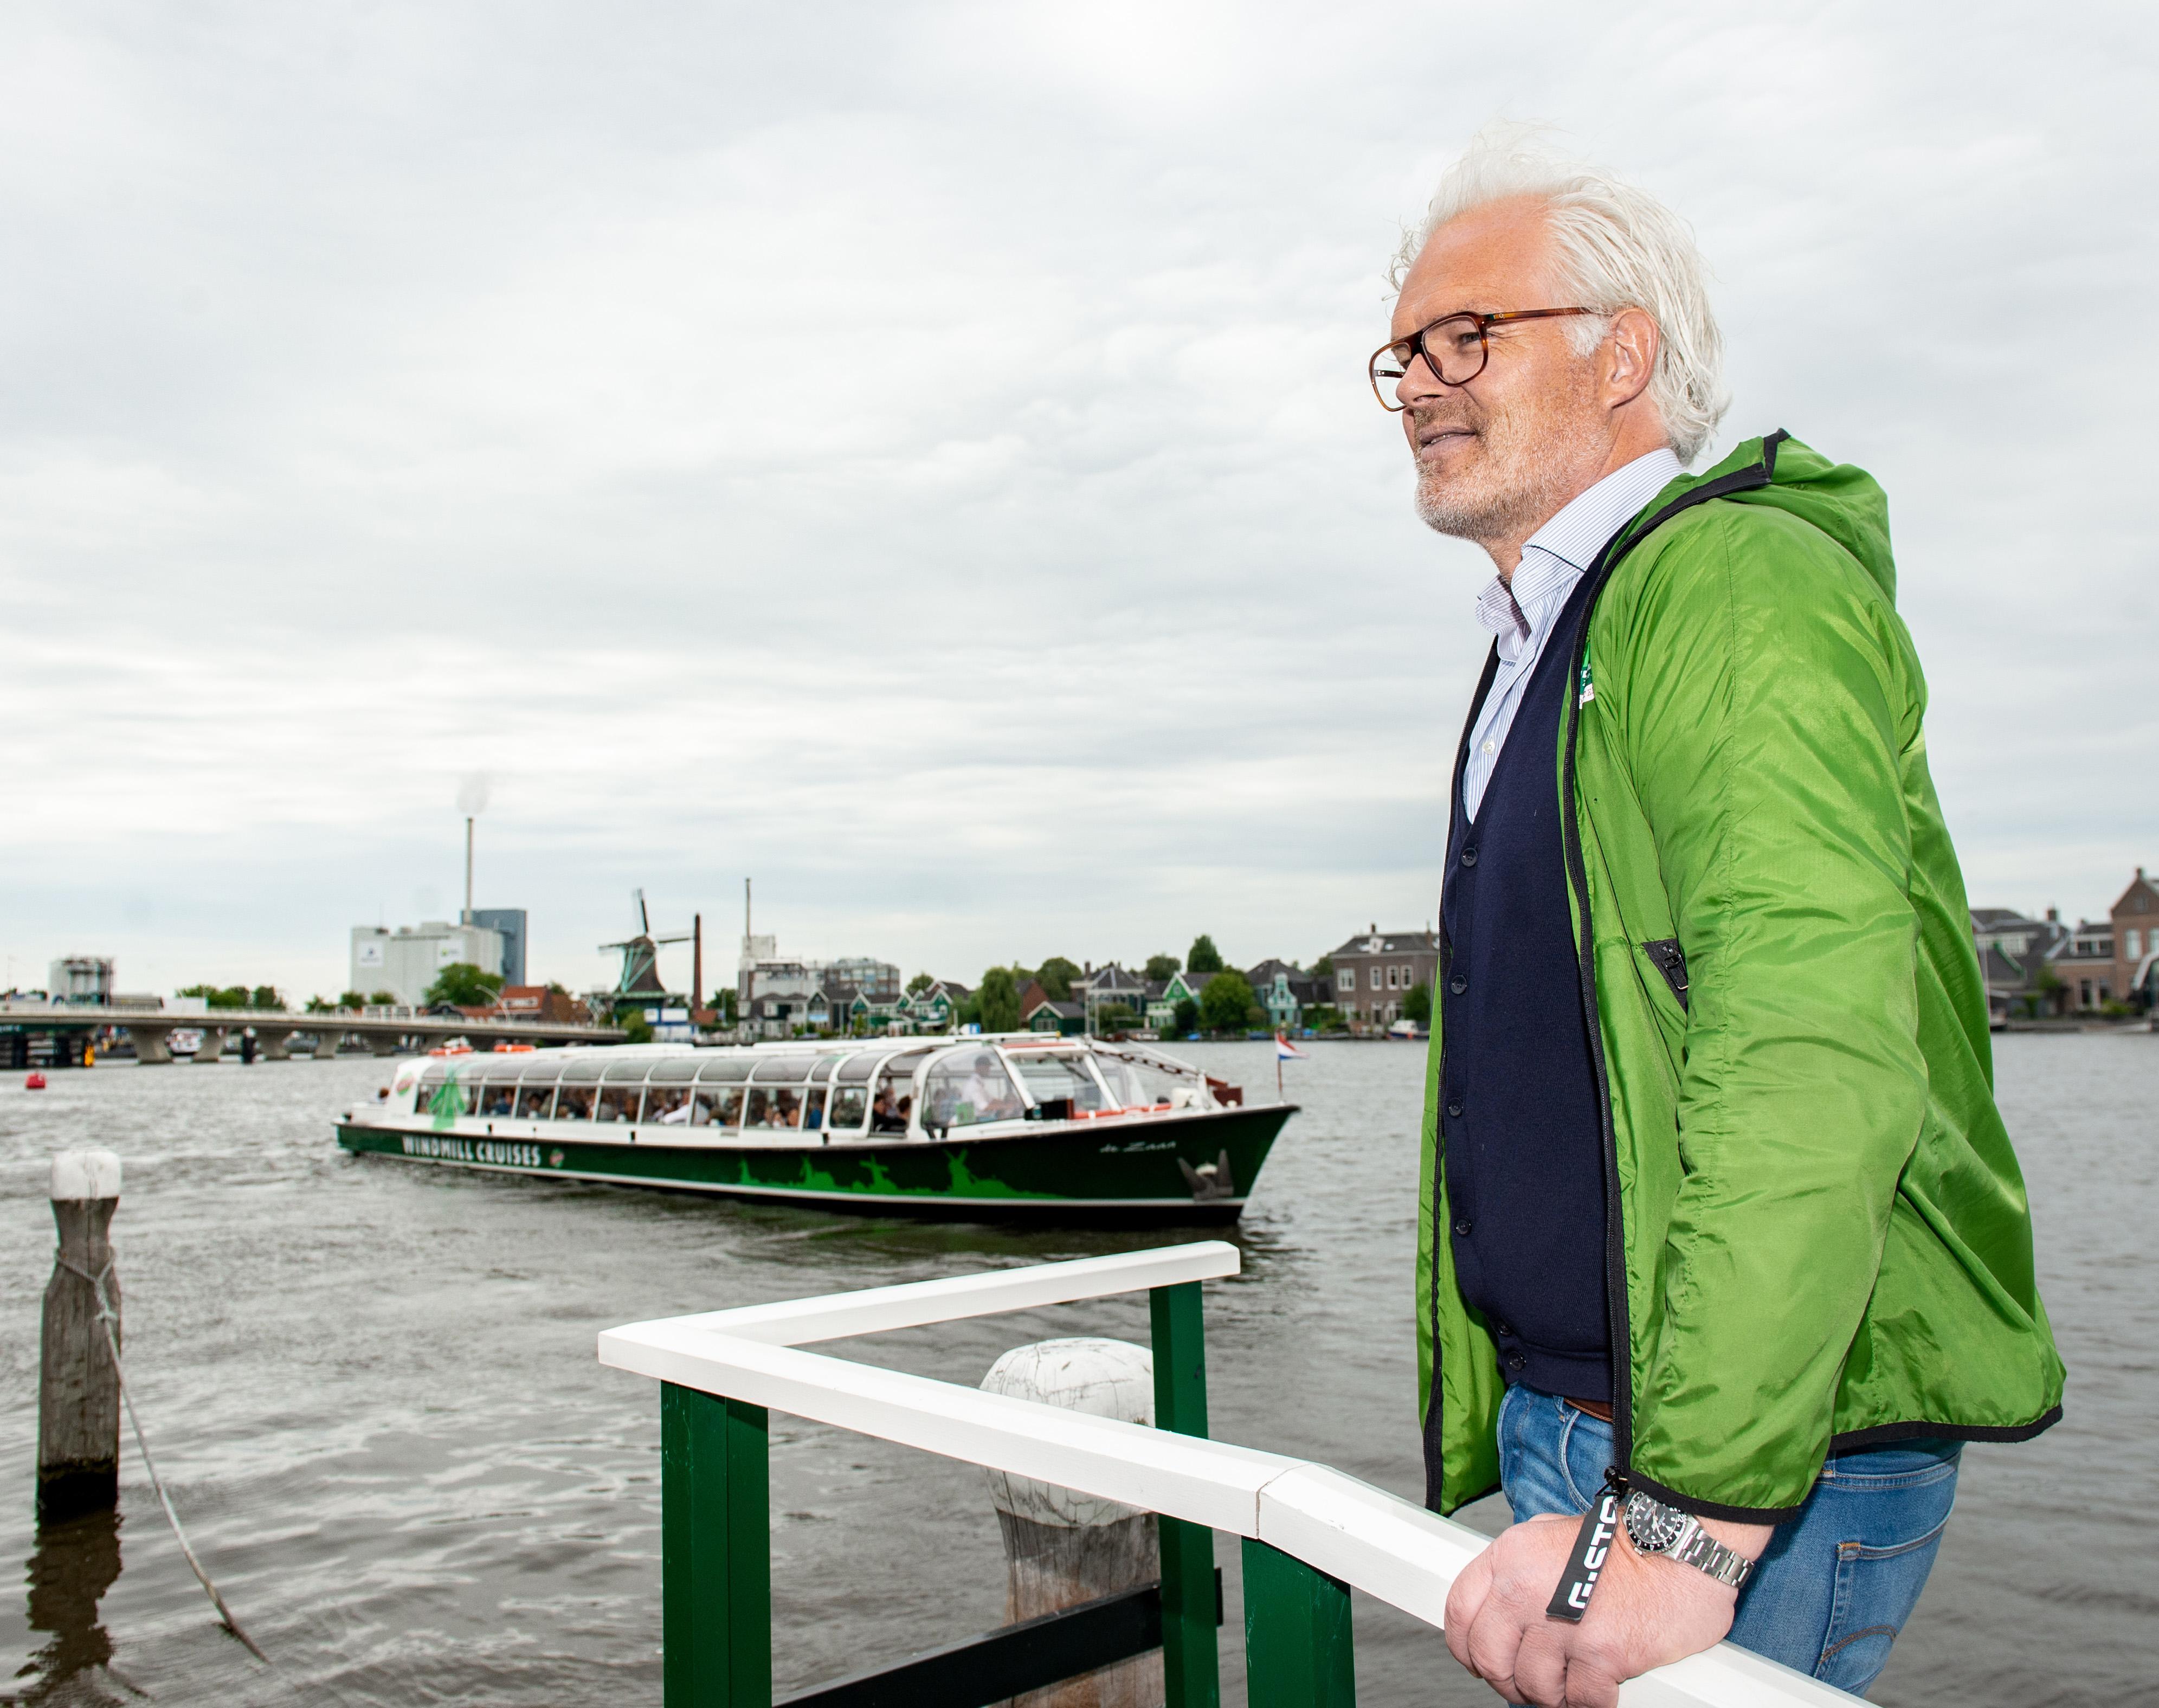 Toeristen bleven lang weg van de Zaanse Schans, Gaby Lovers blij dat toeristen weer rondvaart boeken